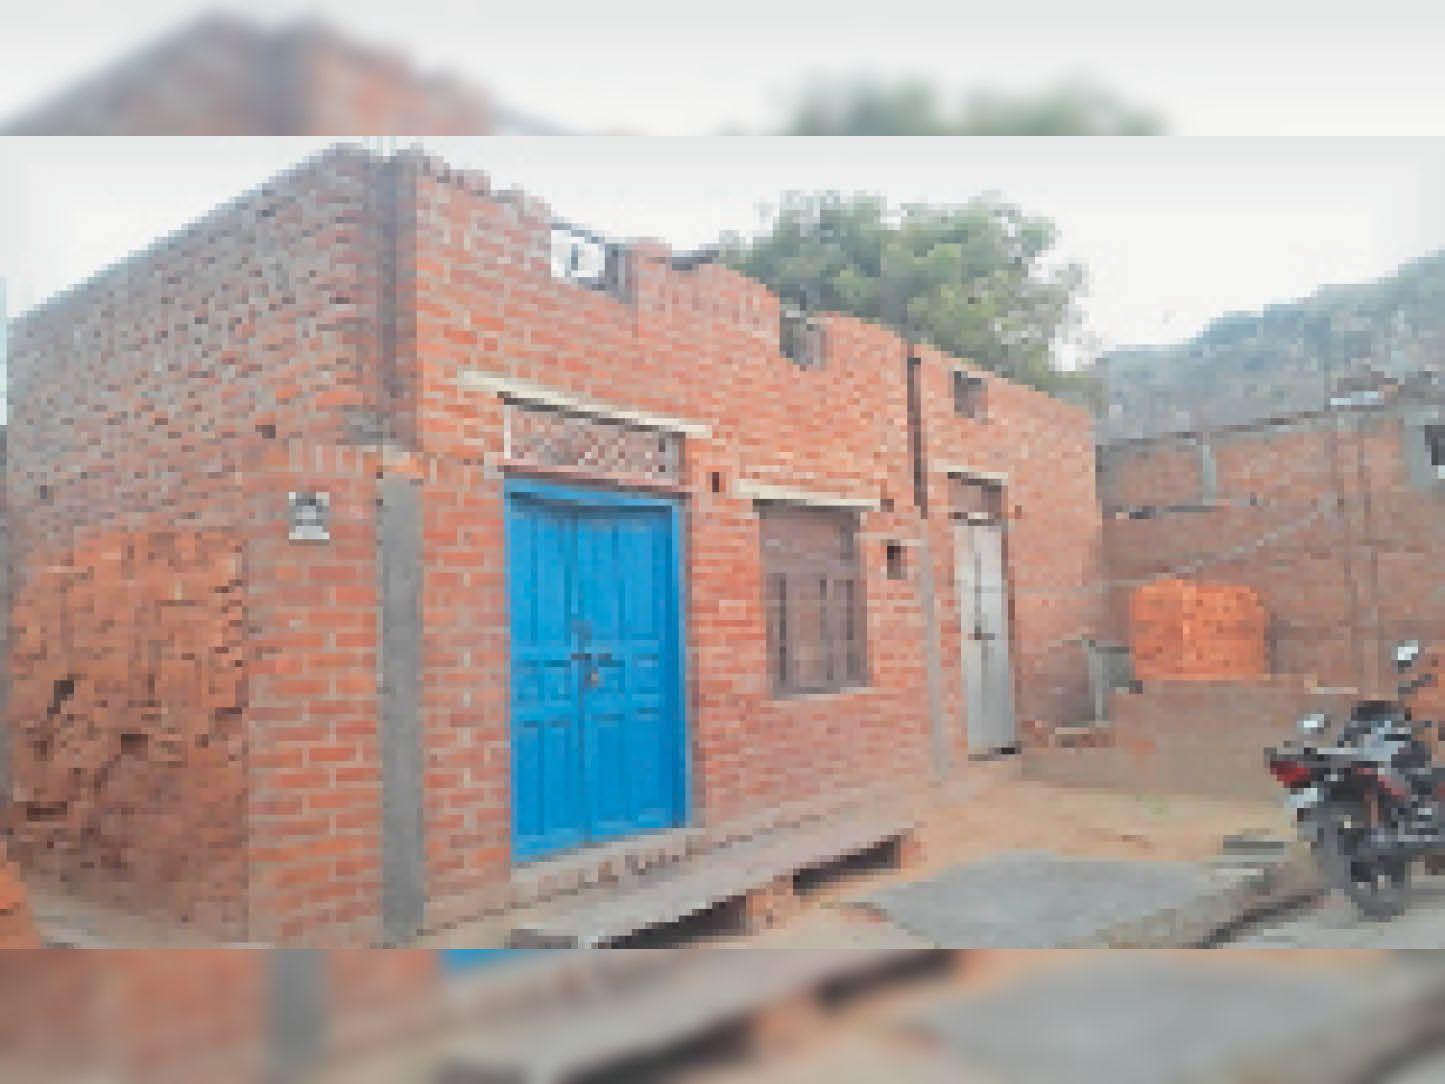 तीसरी किस्त नहीं मिल पाने के कारण पूरा नहीं हो पा रहा प्रधानमंत्री आवास योजना के तहत निर्माण। - Dainik Bhaskar